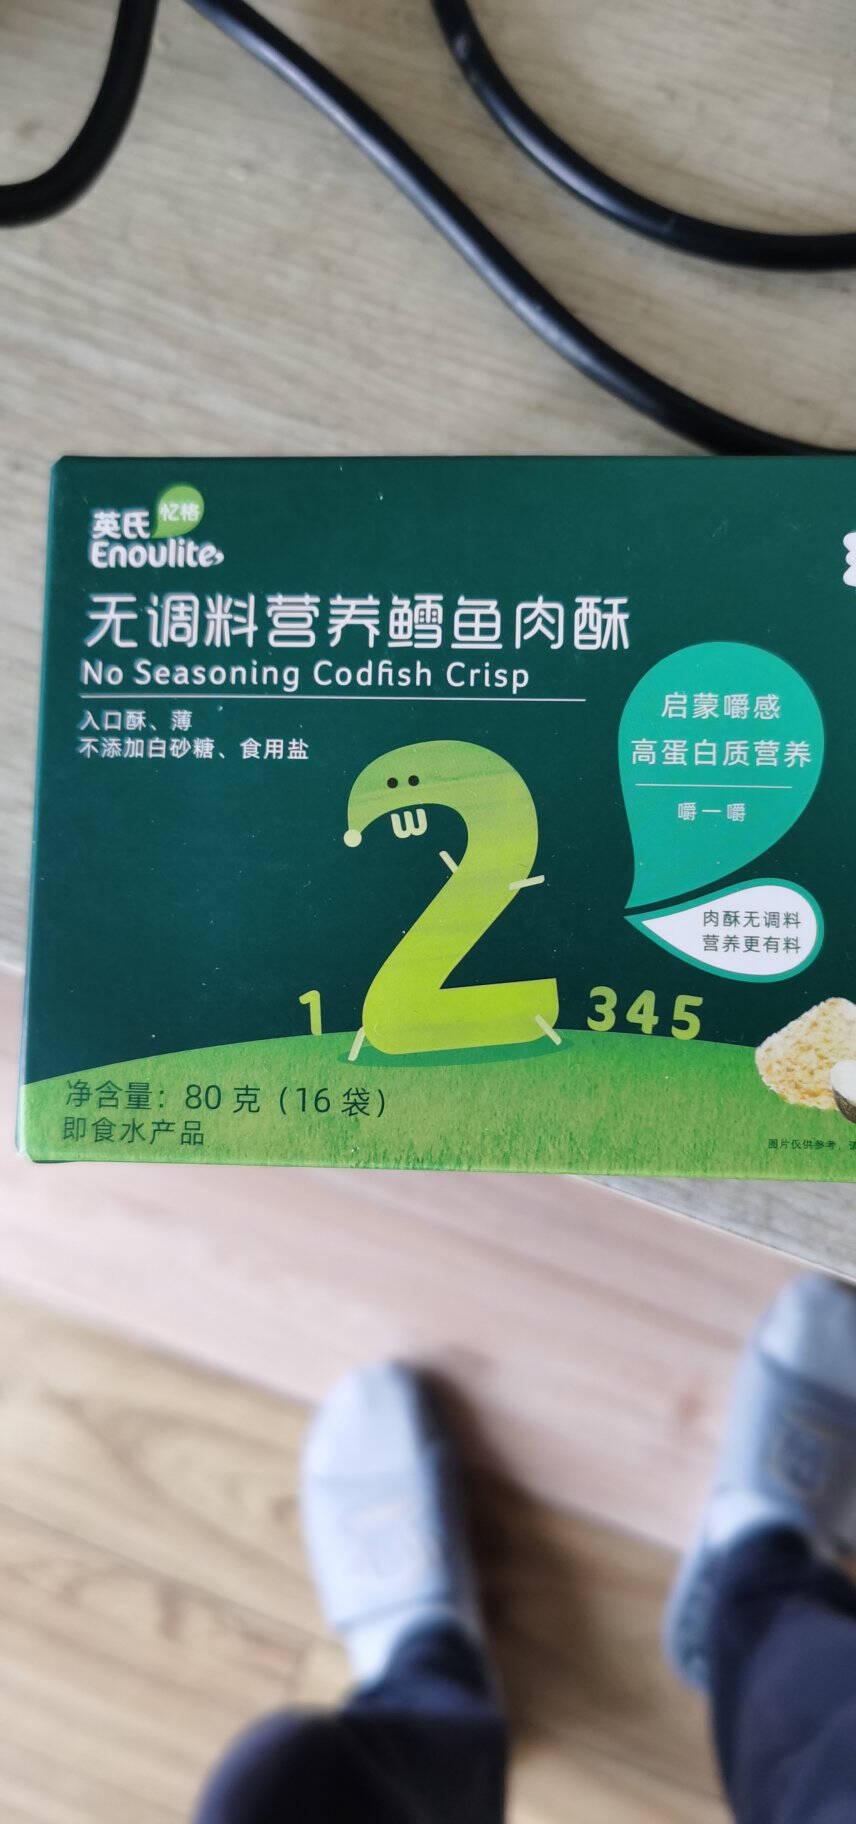 英氏无调料营养肉酥80g(16袋)宝宝肉松米粉面条辅食搭配伴侣不添加白砂糖食用盐牛肉1盒